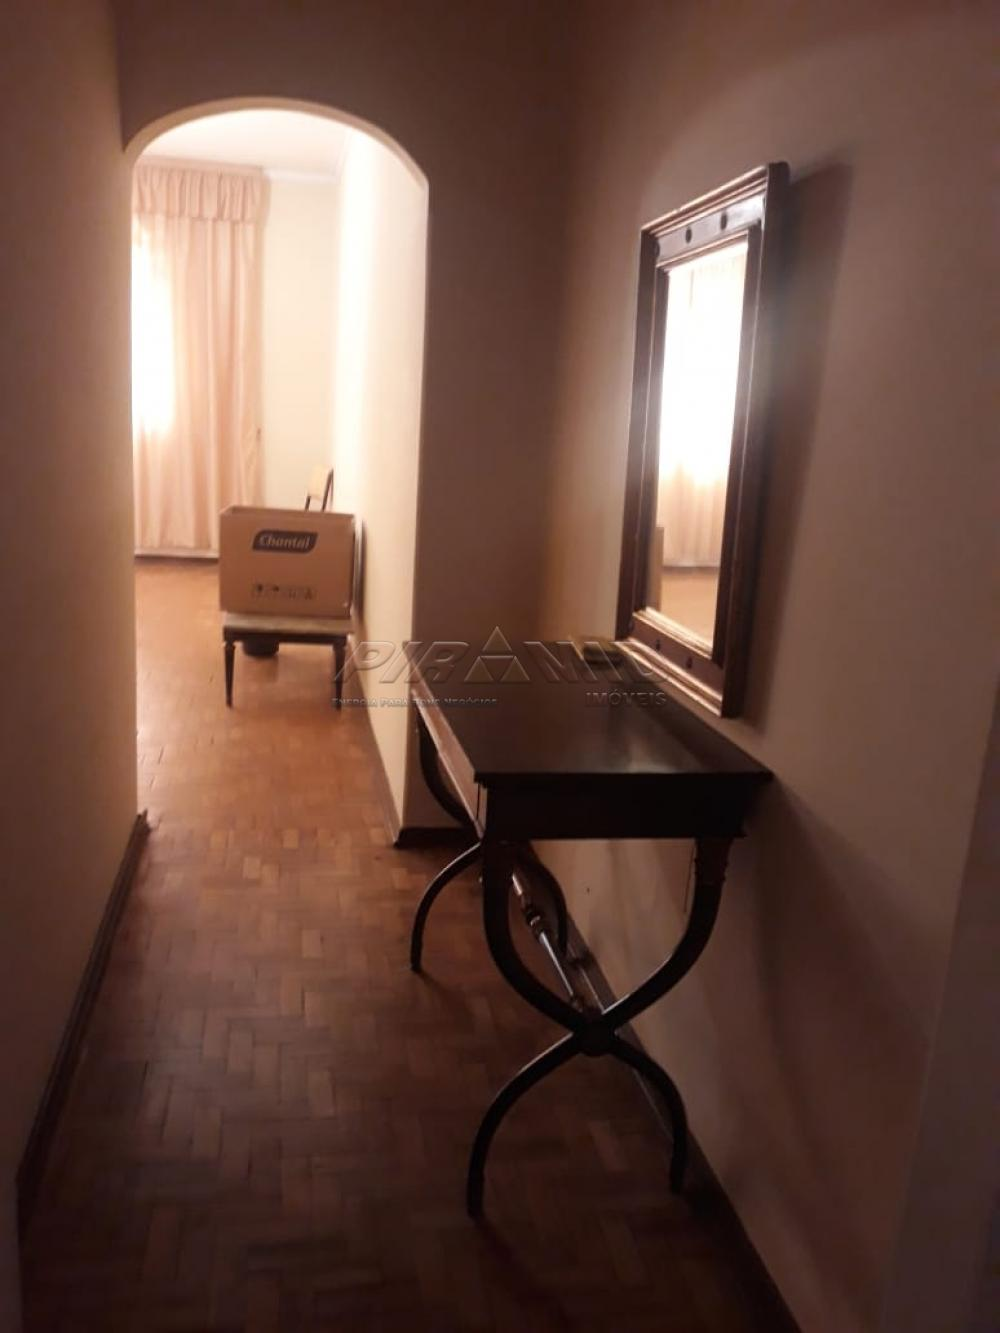 Alugar Casa / Padrão em Ribeirão Preto R$ 1.500,00 - Foto 10